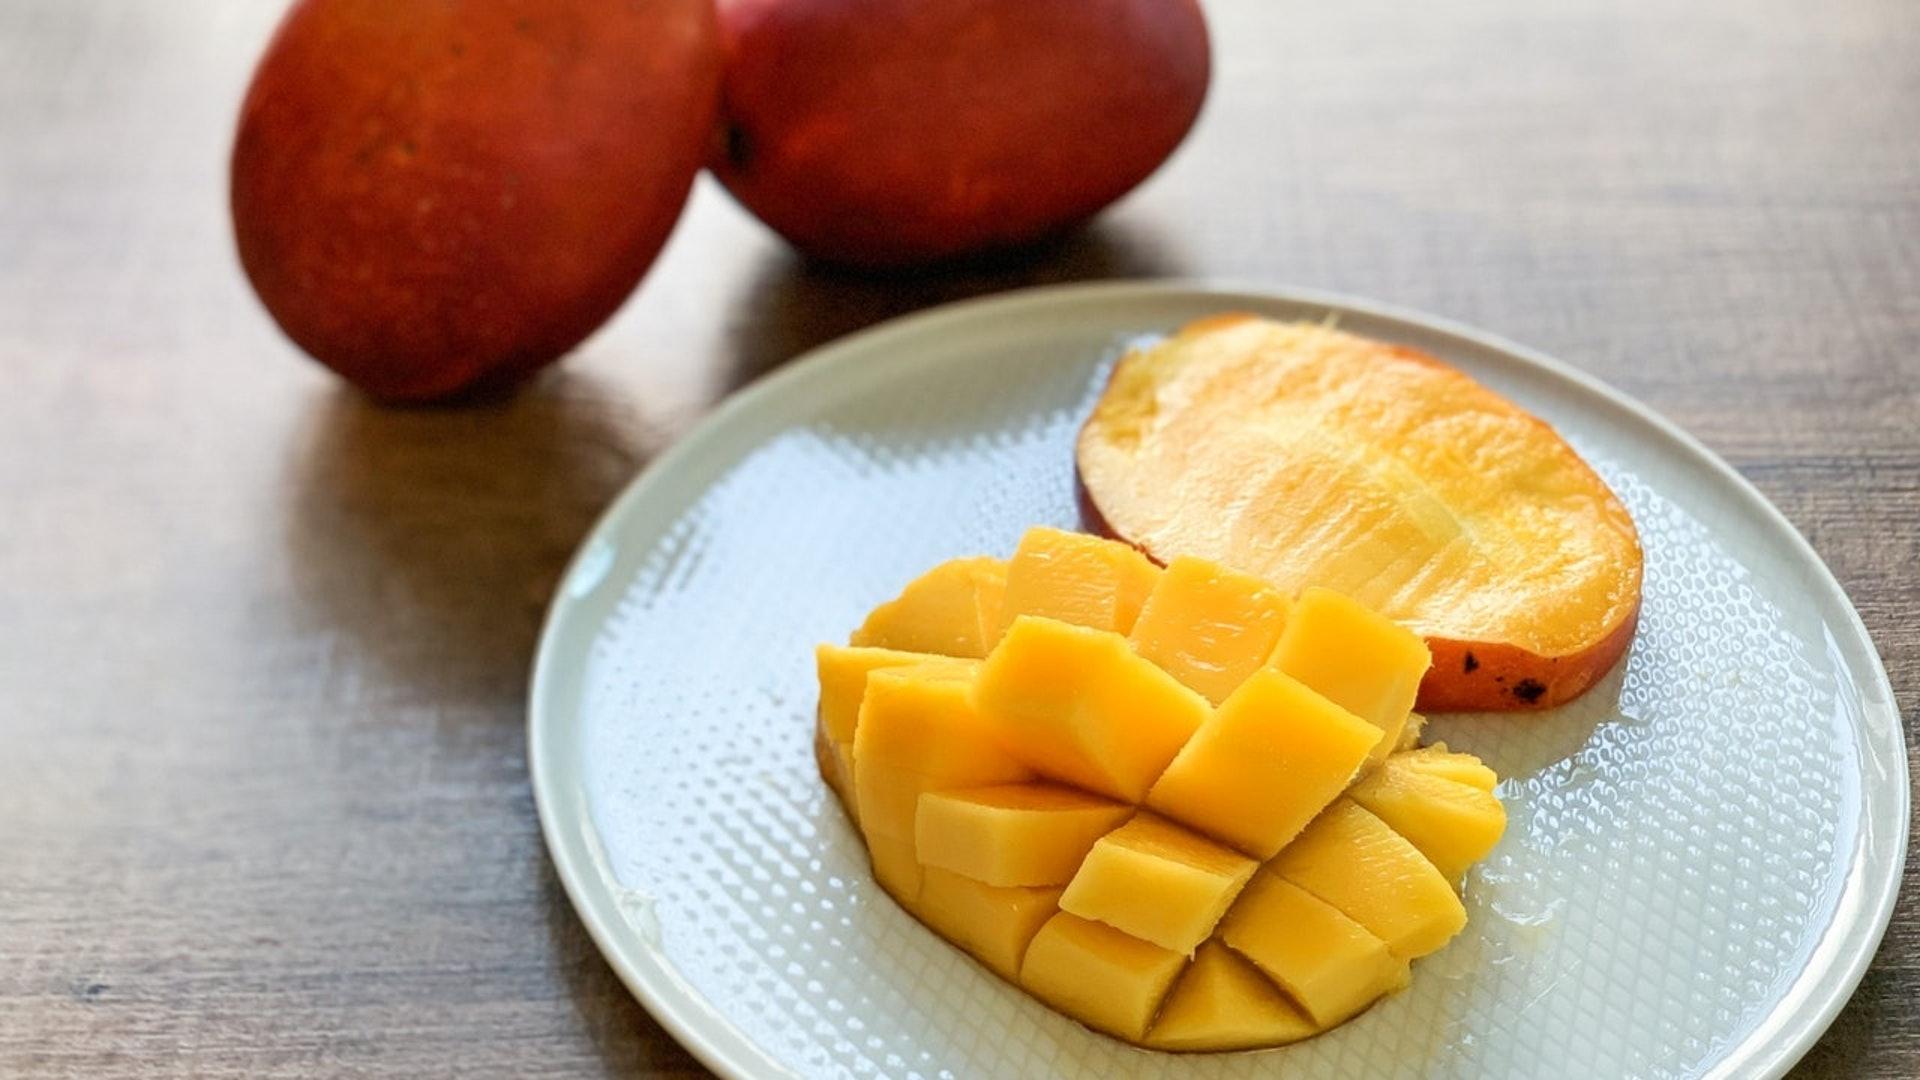 芒果被李時珍稱為「果中珍品」,具有益胃、養腎、健脾等作用,但皮膚敏感及糖尿病患者不宜食用。(圖片:hk01)